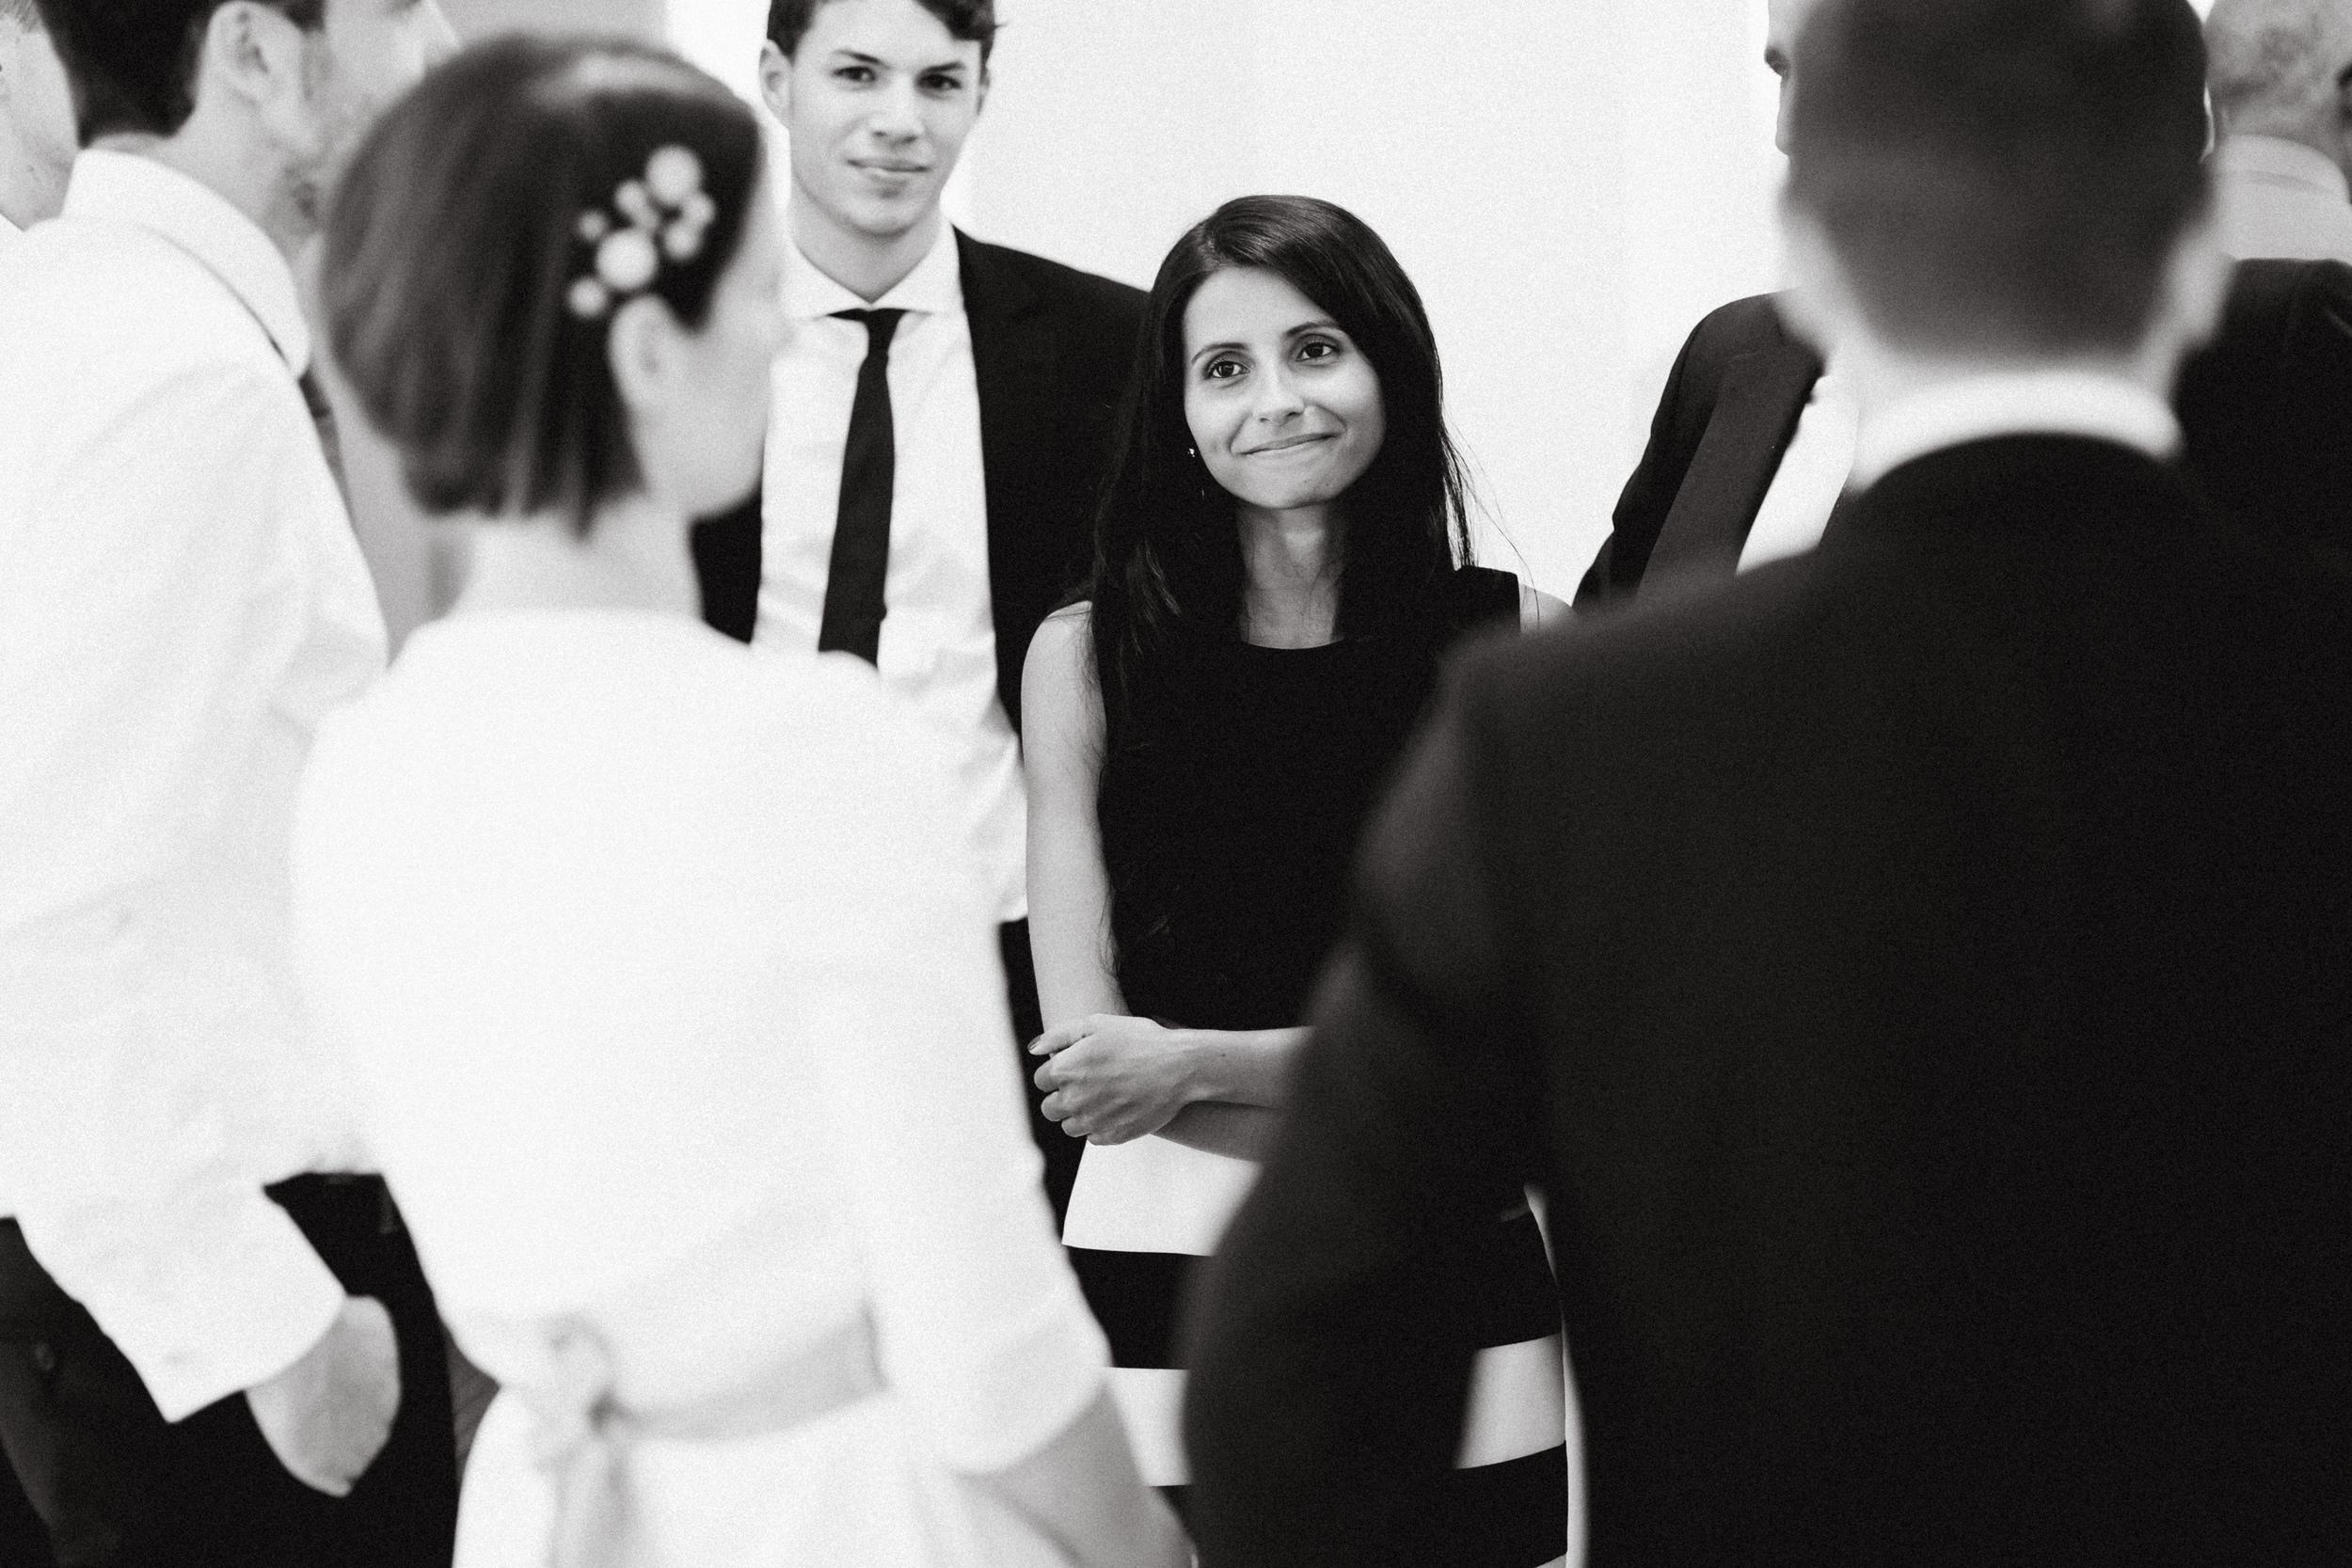 Hochzeit_515sw.jpg